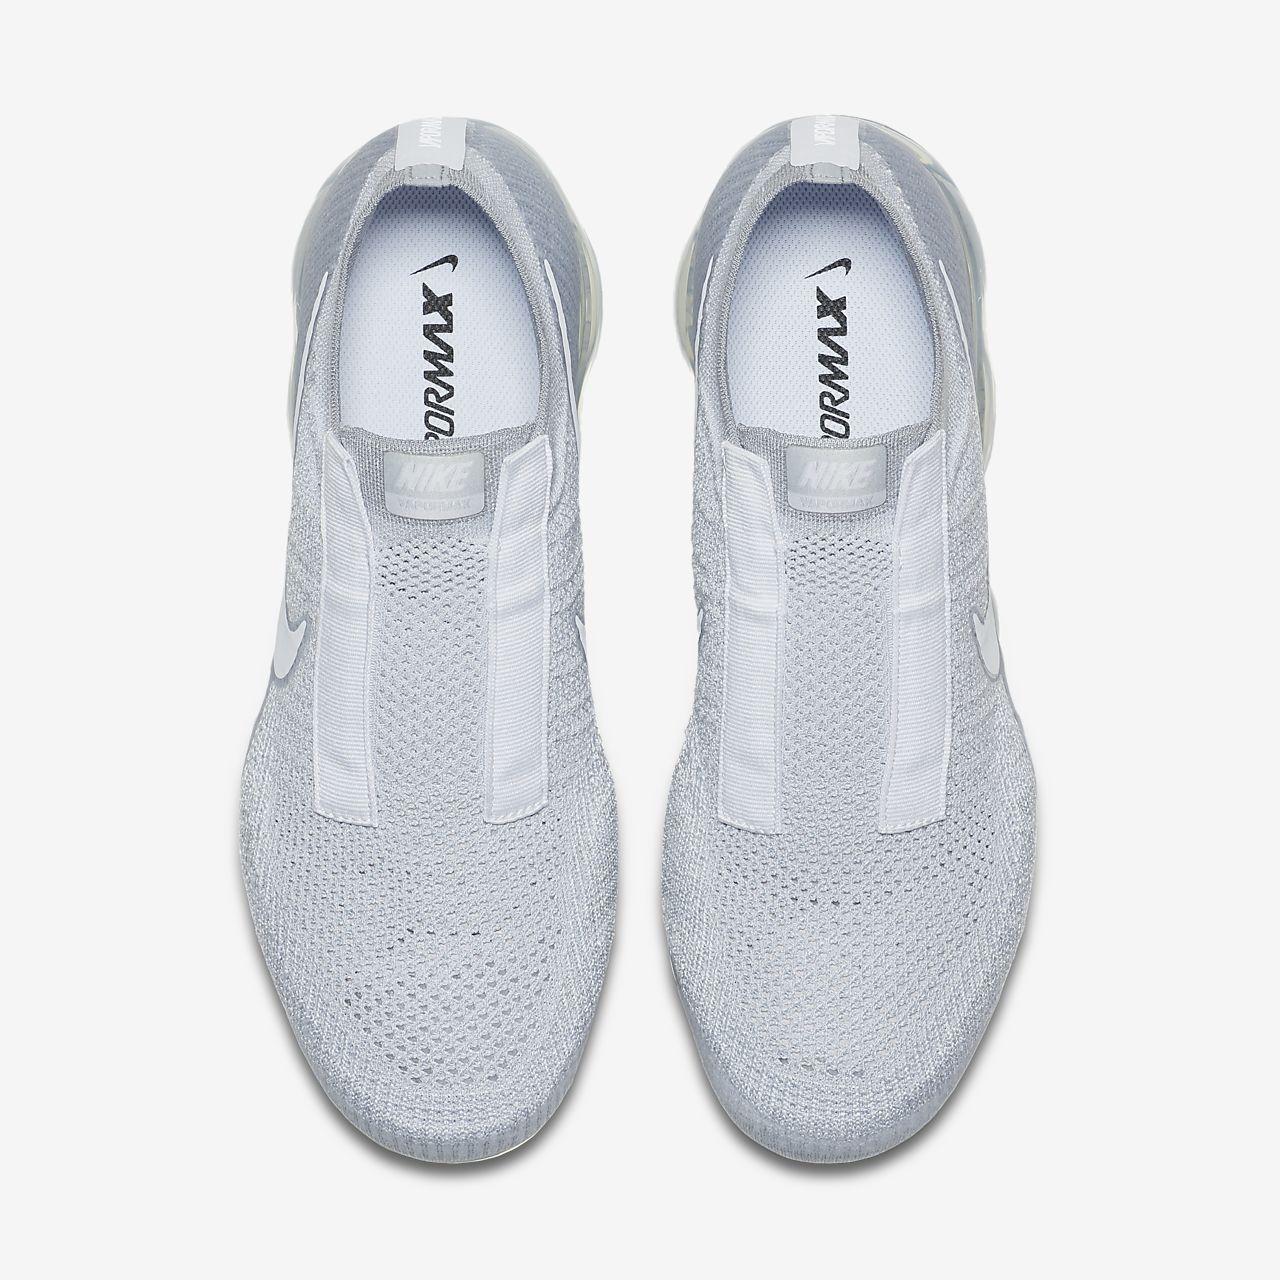 half off 4a191 4b77a Nike Air VaporMax Flyknit SE Unisex Running Shoe